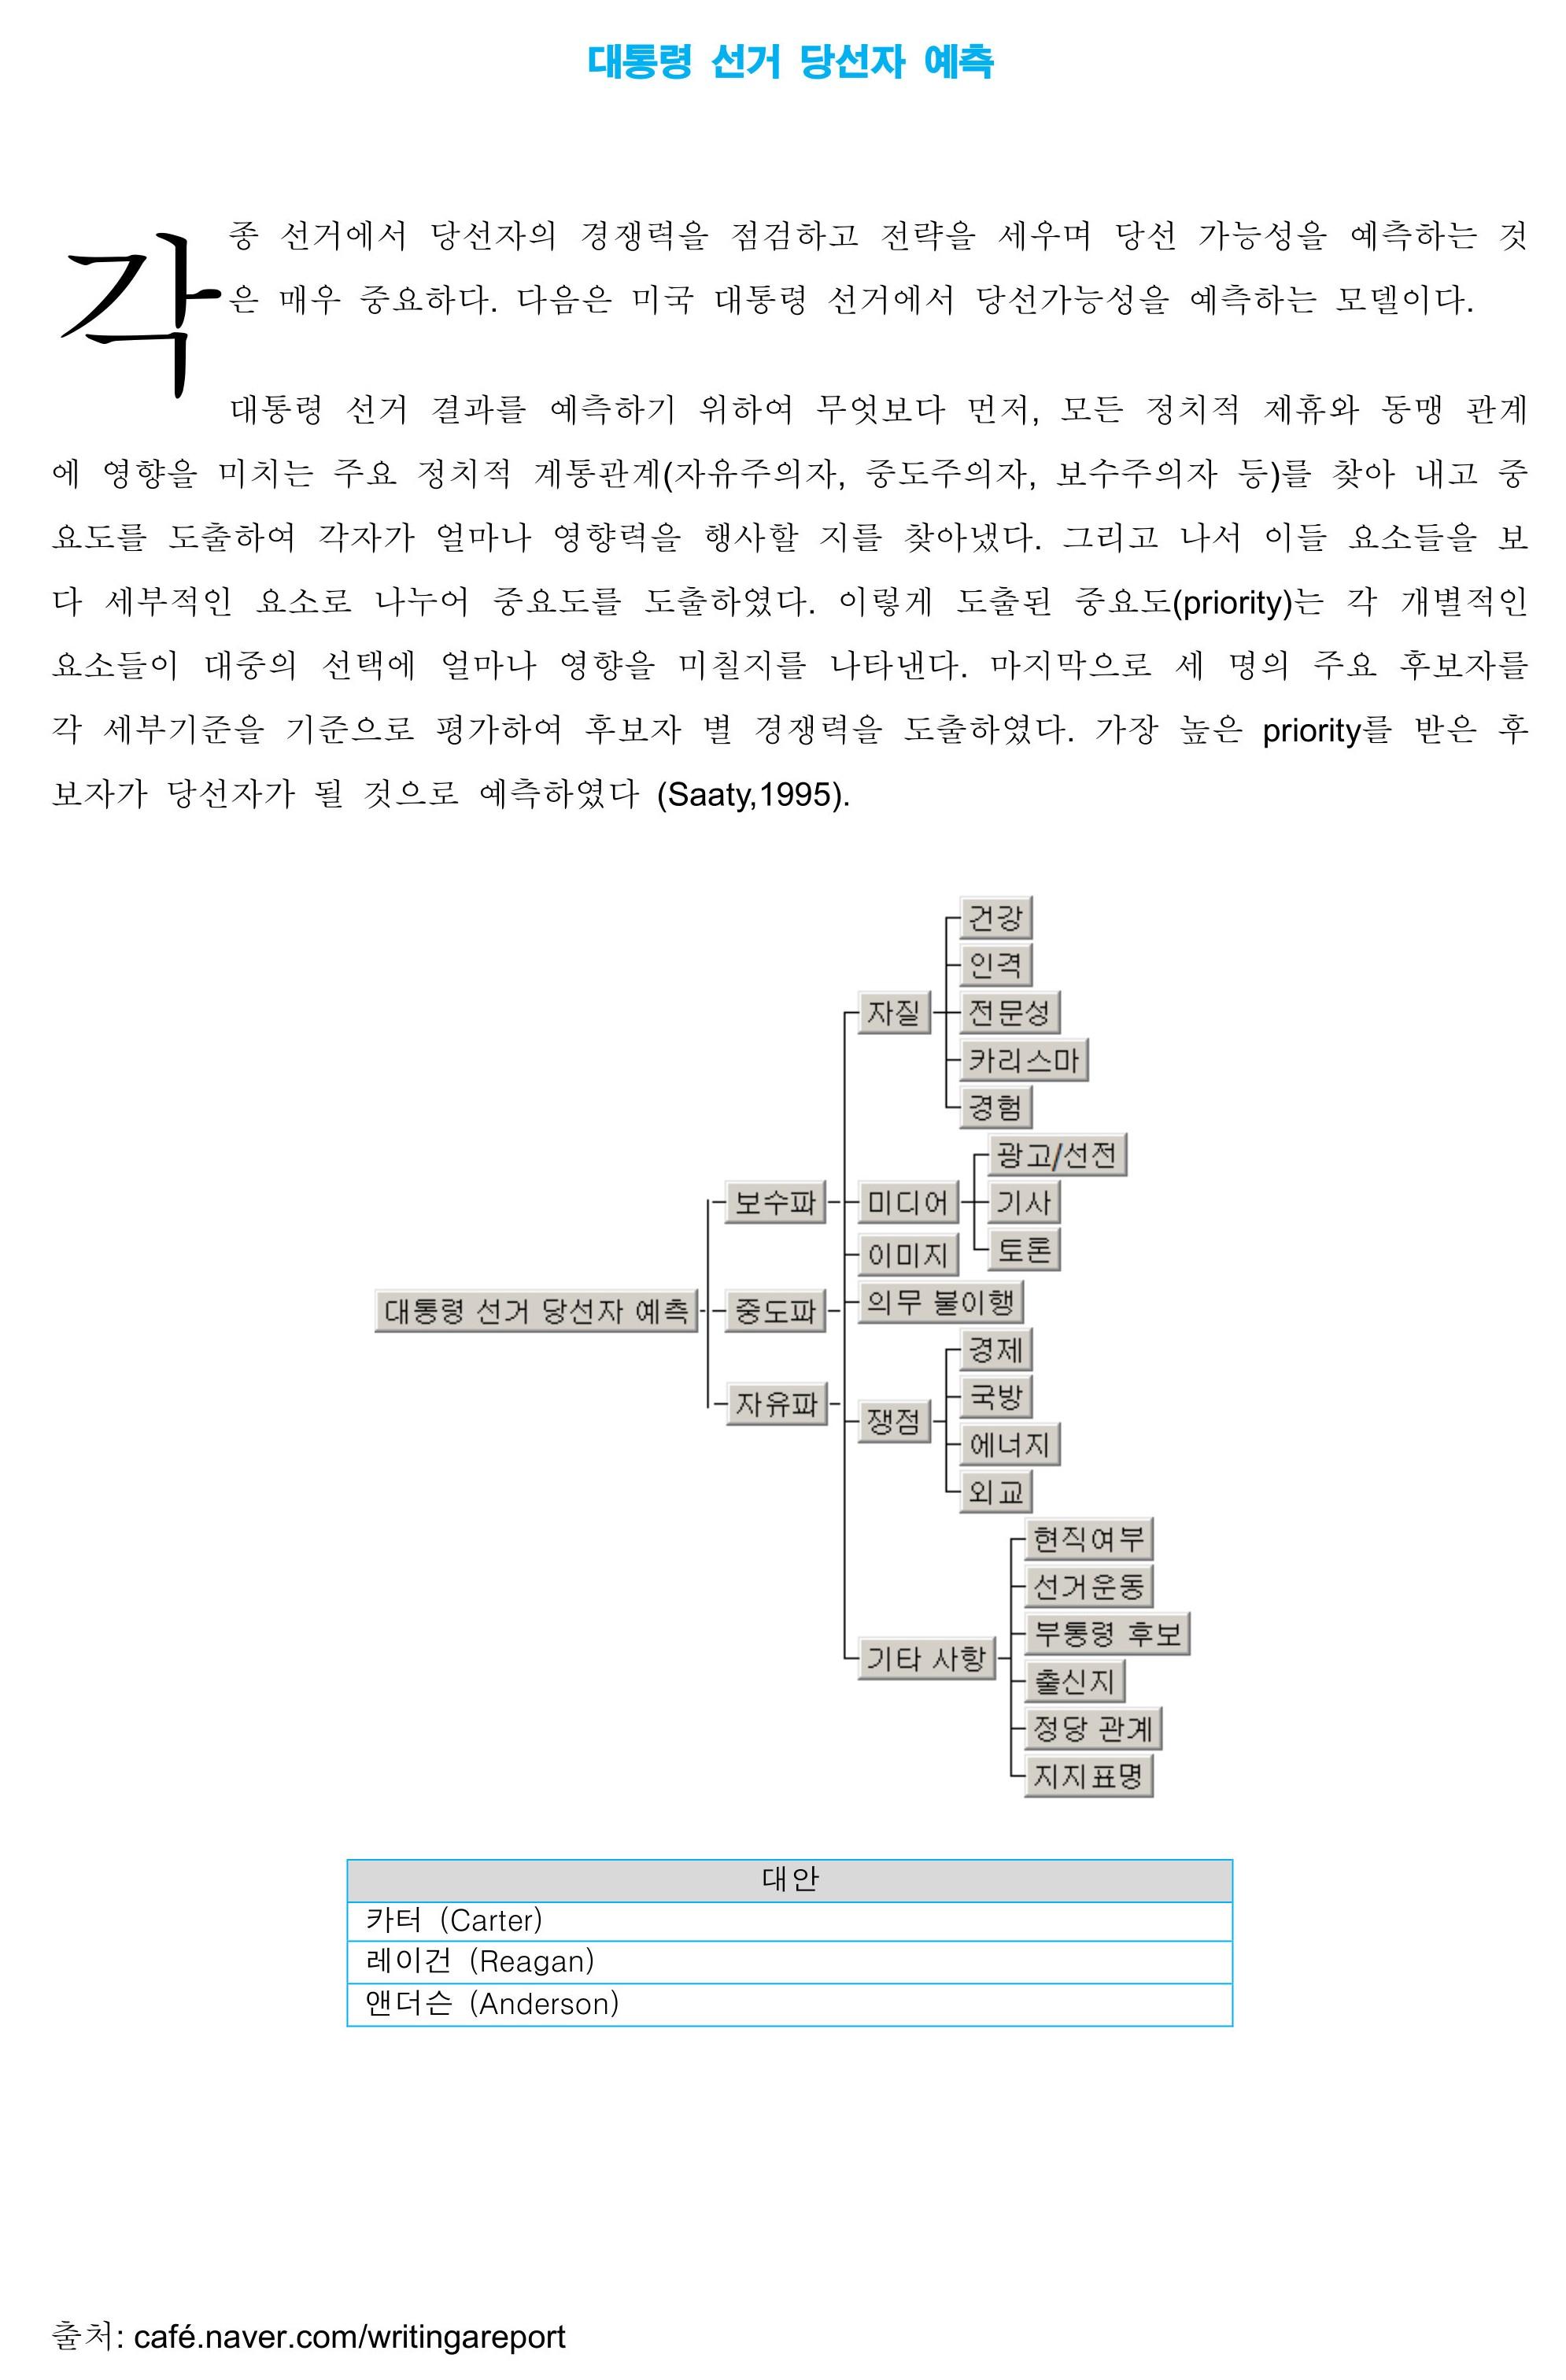 23-A_대통령 선거 당선자 예측